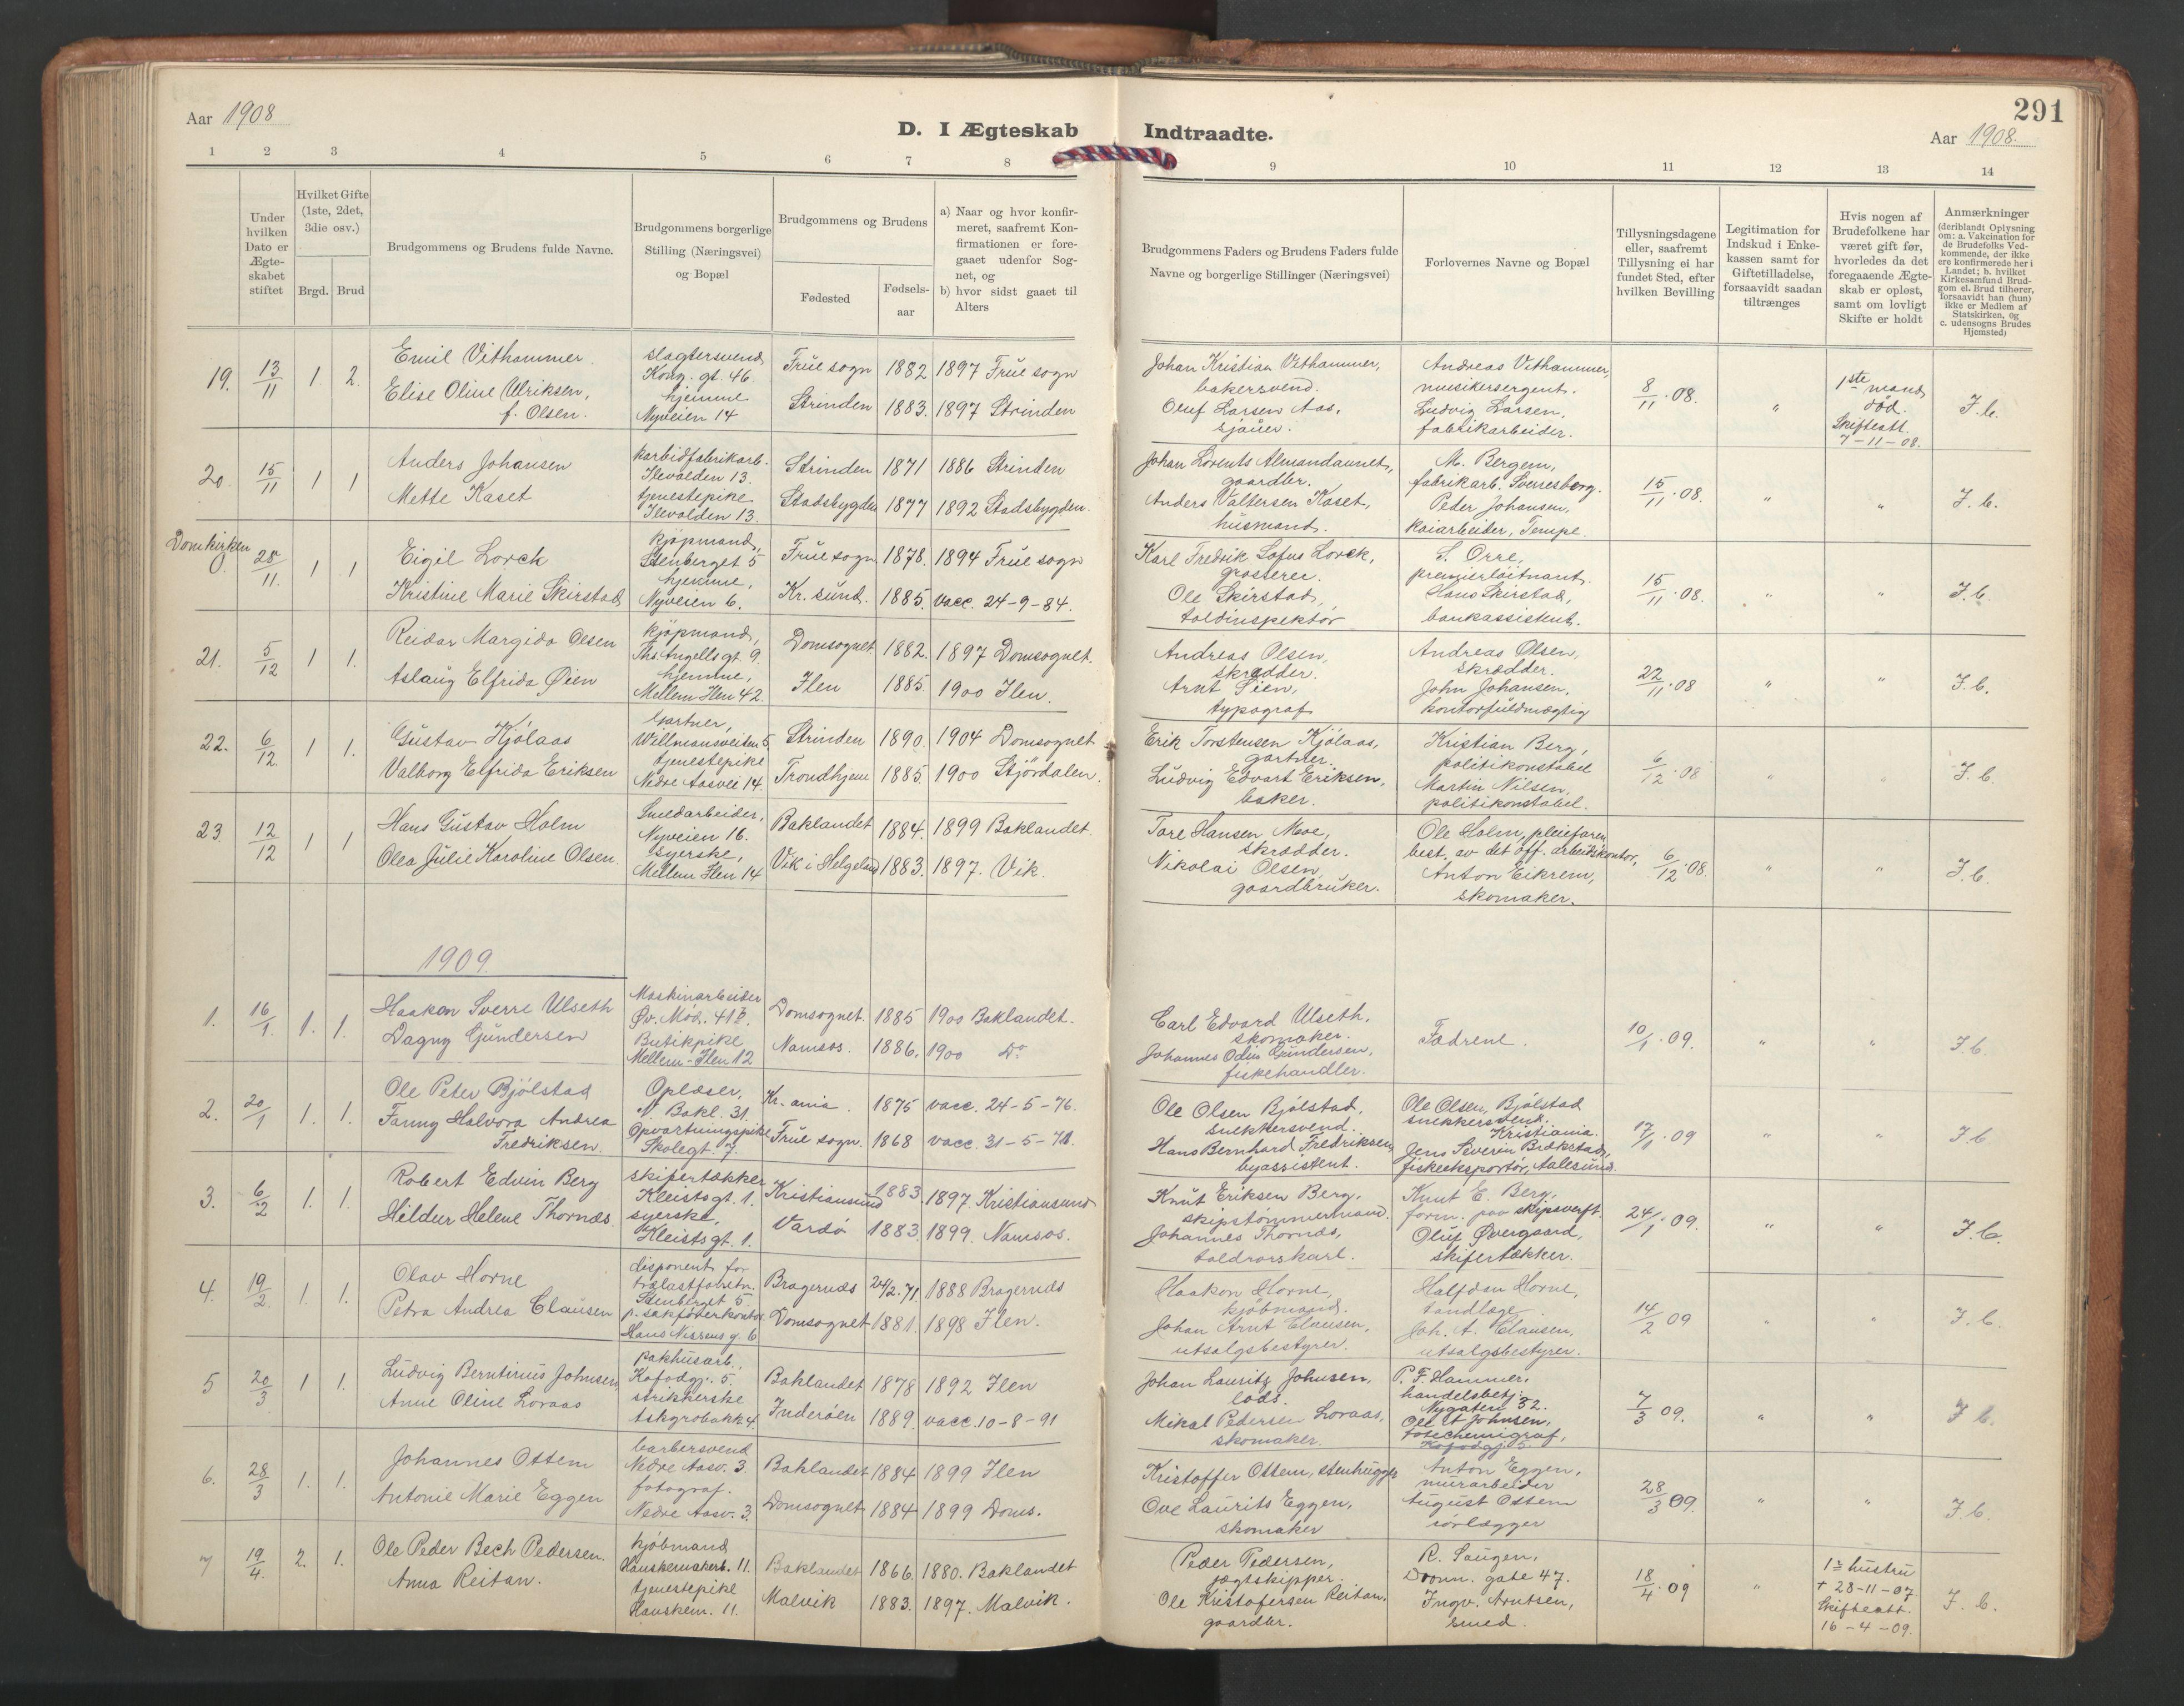 SAT, Ministerialprotokoller, klokkerbøker og fødselsregistre - Sør-Trøndelag, 603/L0173: Klokkerbok nr. 603C01, 1907-1962, s. 291